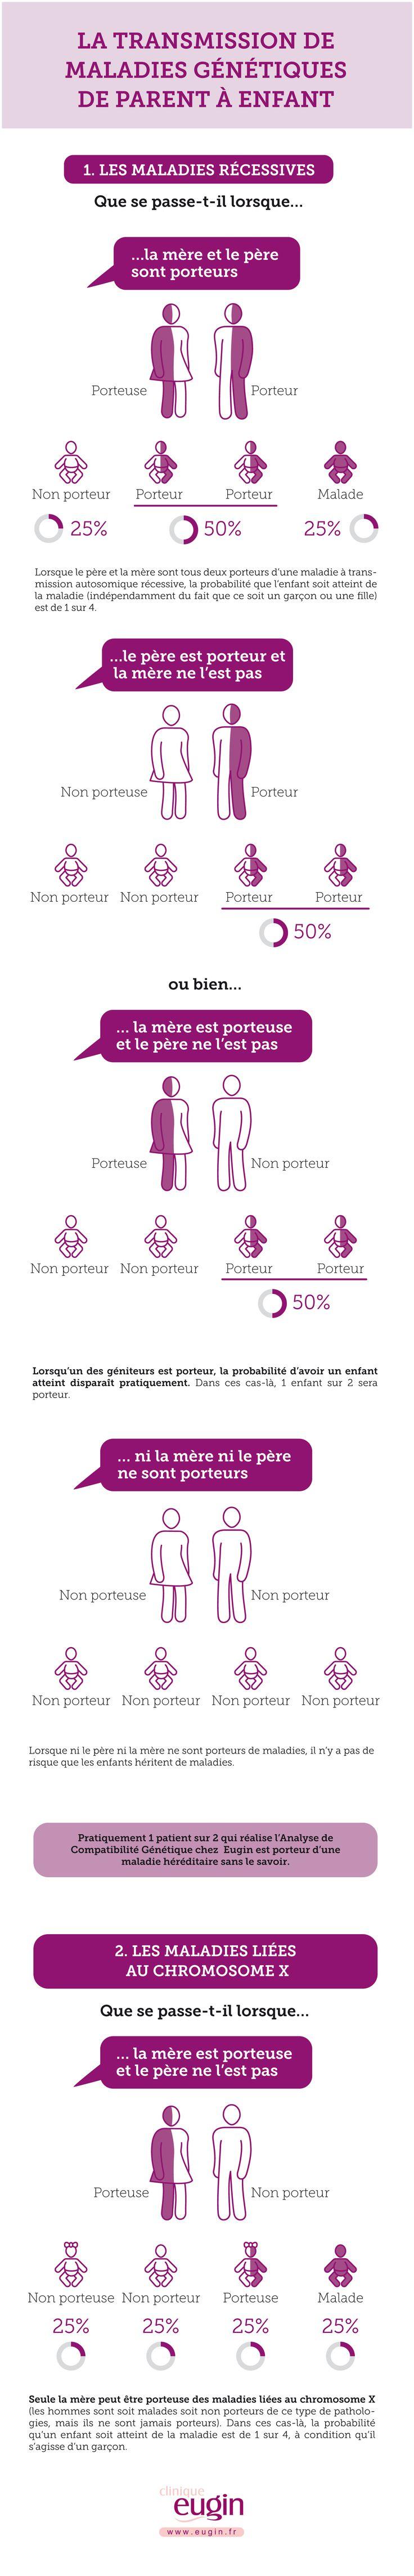 Le test permet de détecter si le père ou la mère sont porteurs d'une maladie d'origine génétique, et de réduire le risque de transmettre cette pathologie à leurs futurs enfants.